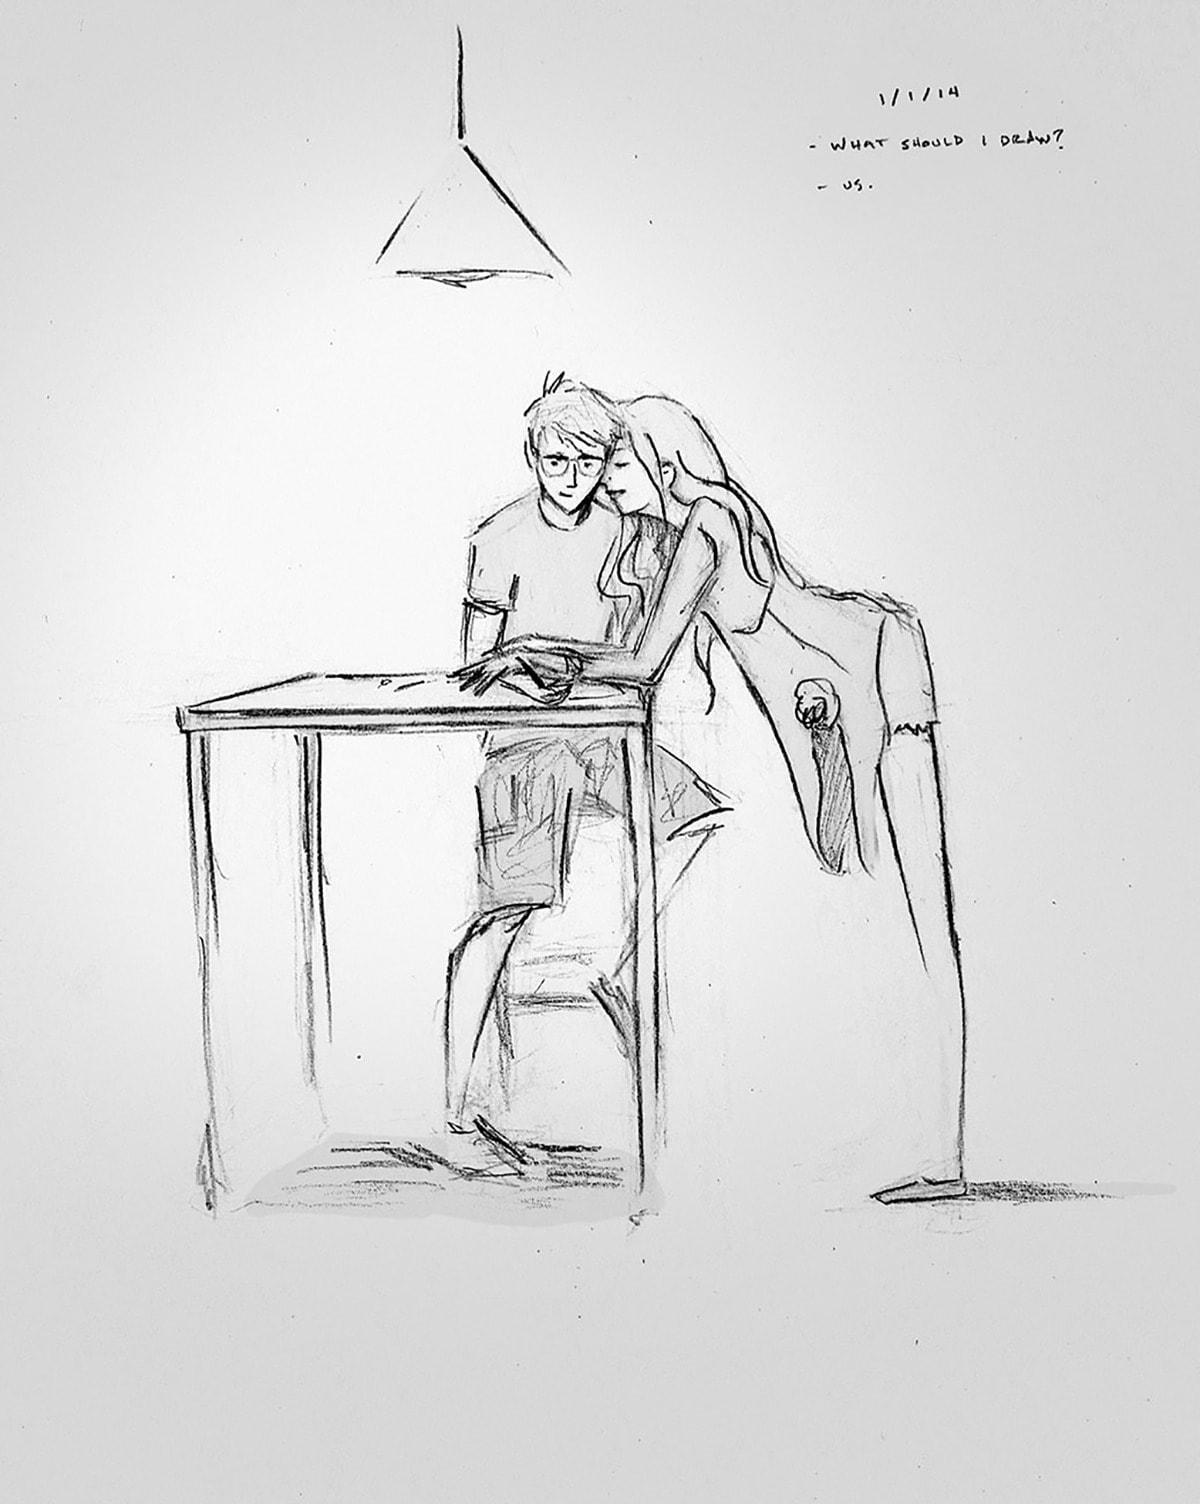 tekeningen-van-de-liefde-11